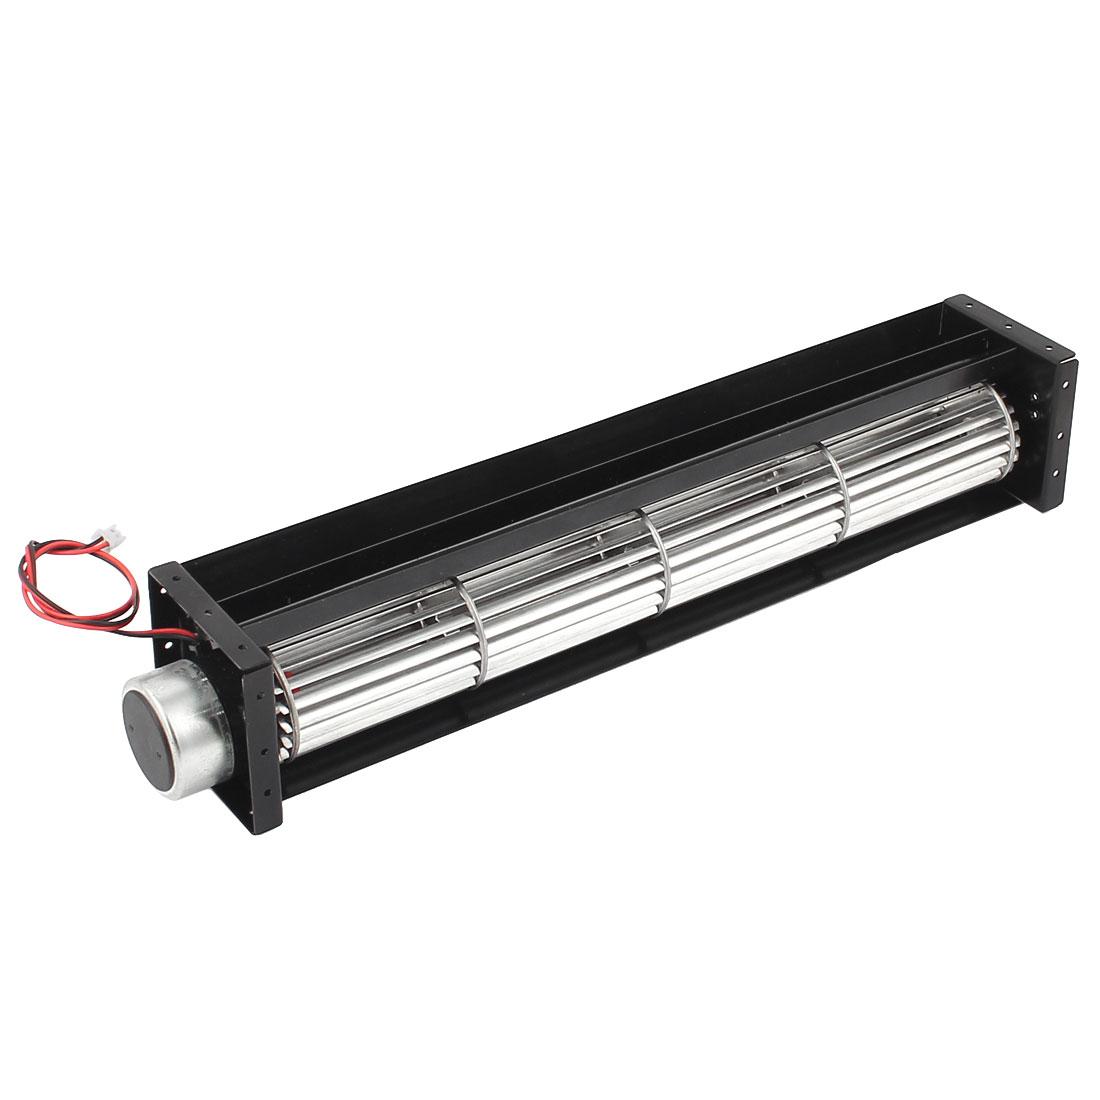 DC 12V 0.30A Cross Flow Cooling Fan Heat Exchanger Amplifier Cool Turbo 40x290mm